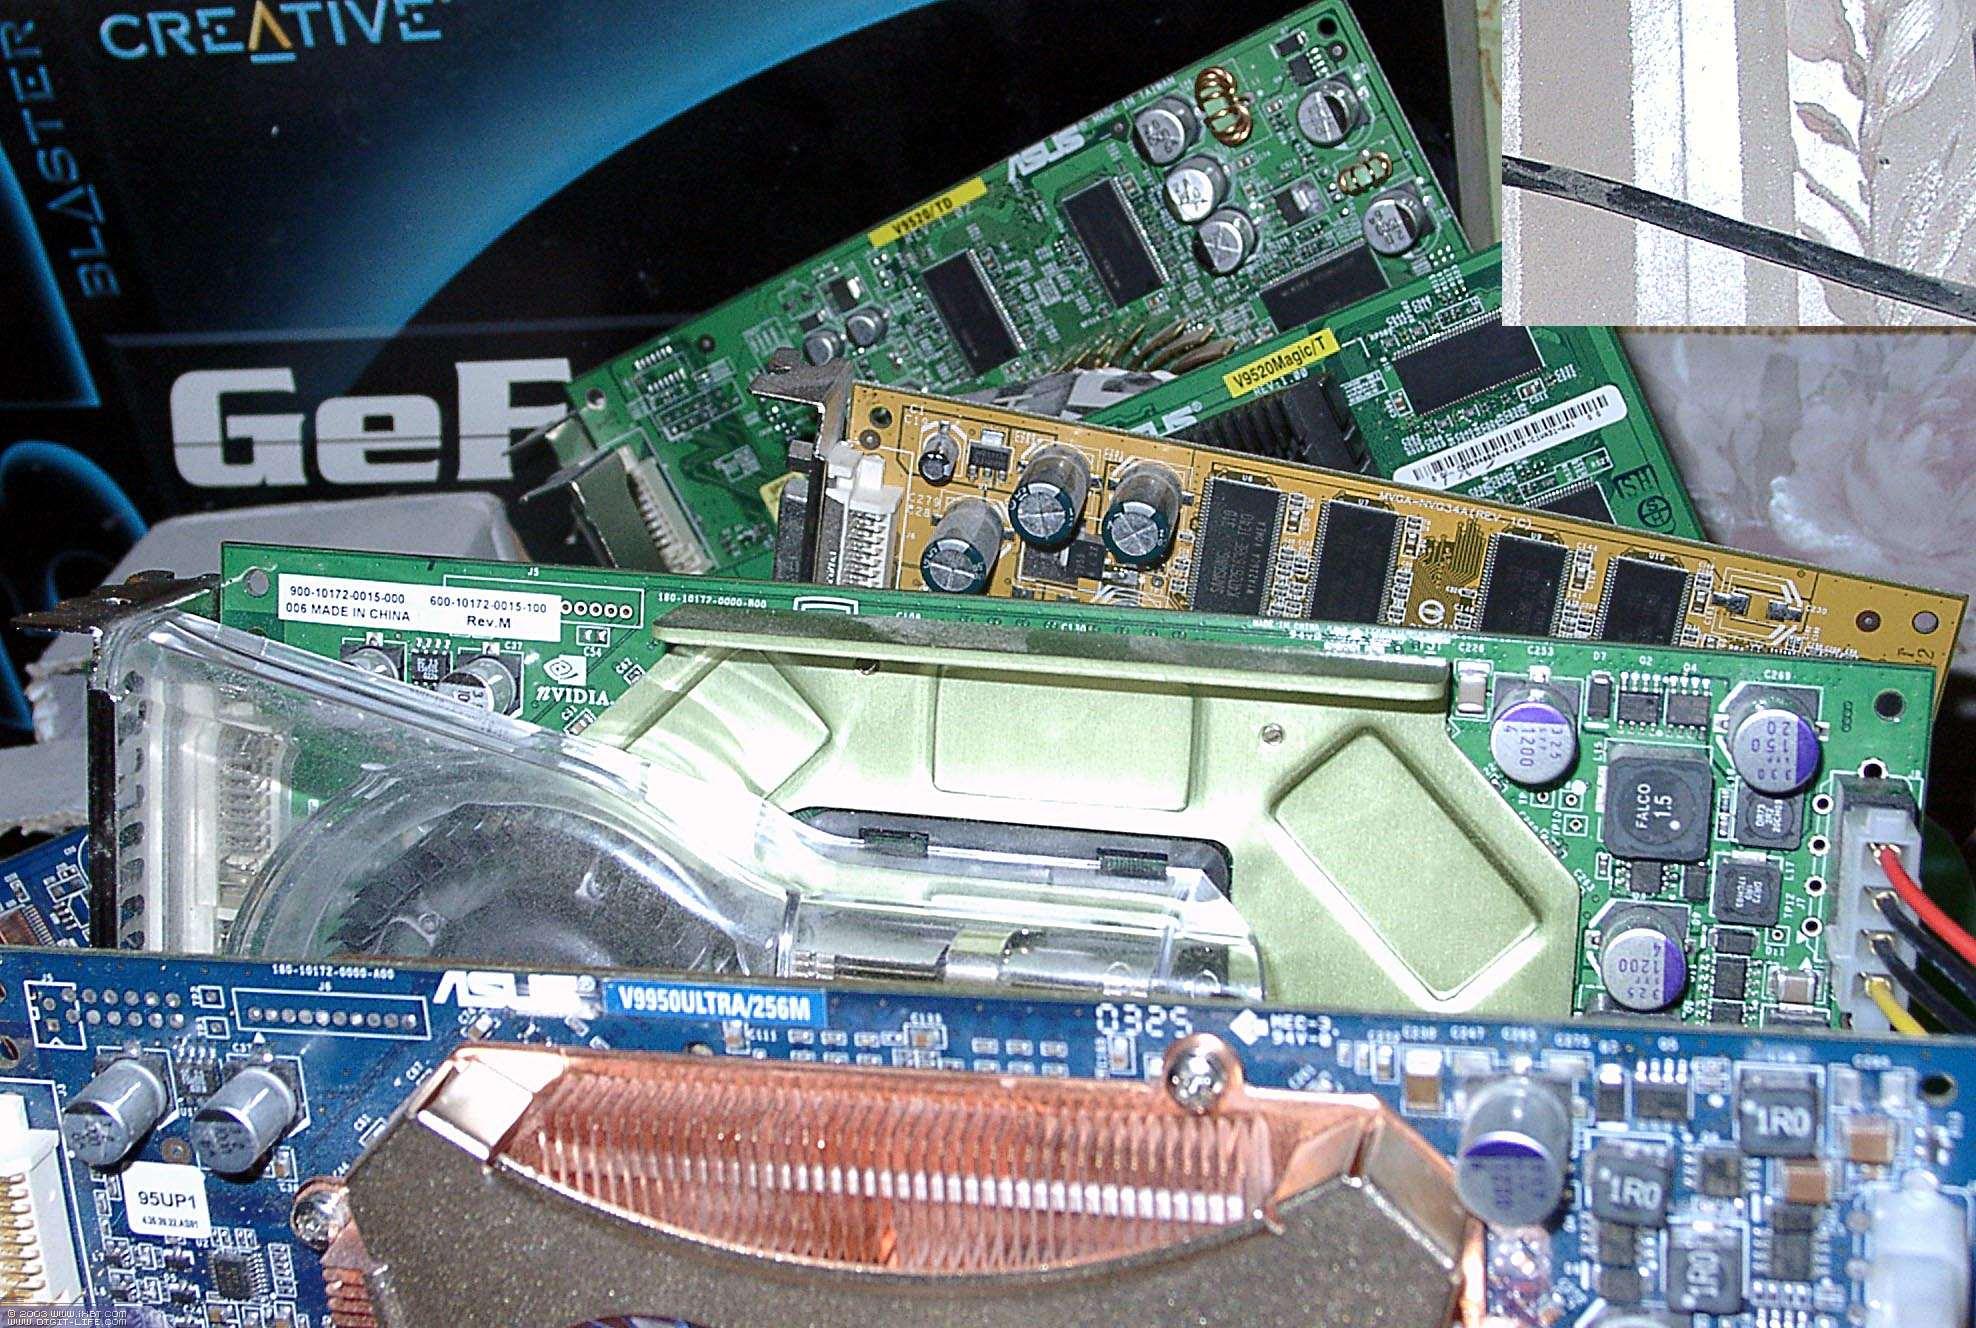 скачать драйвер на видео карту nvidia gefoce fx 5200